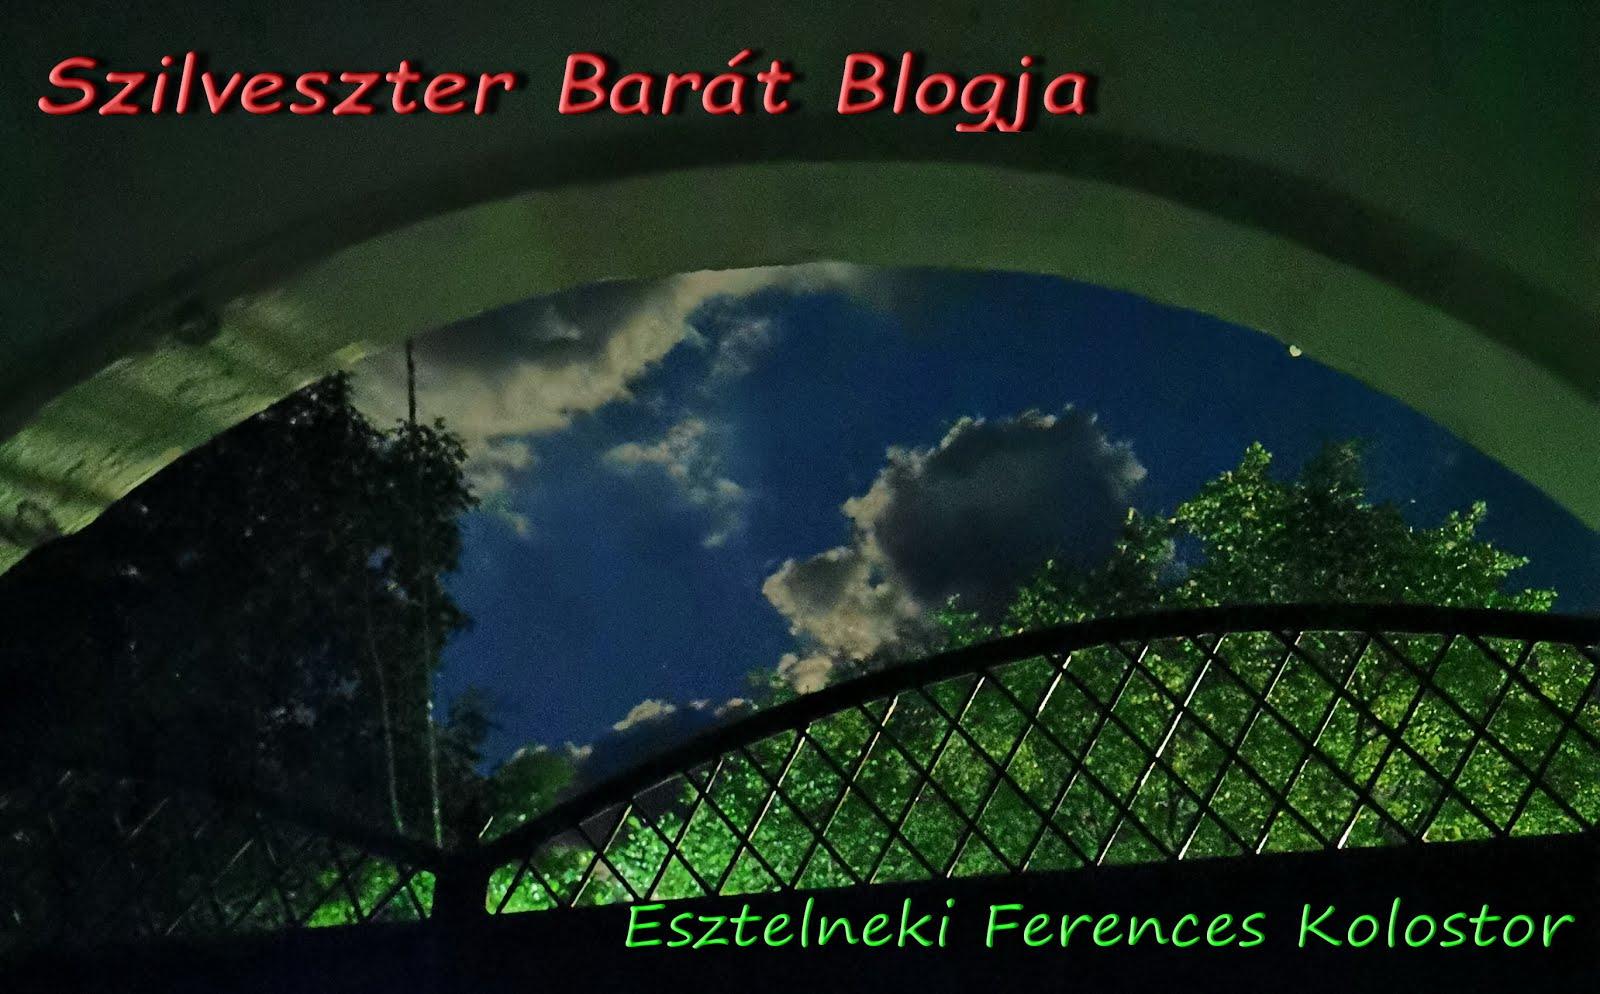 Szilveszter Barát Blogja